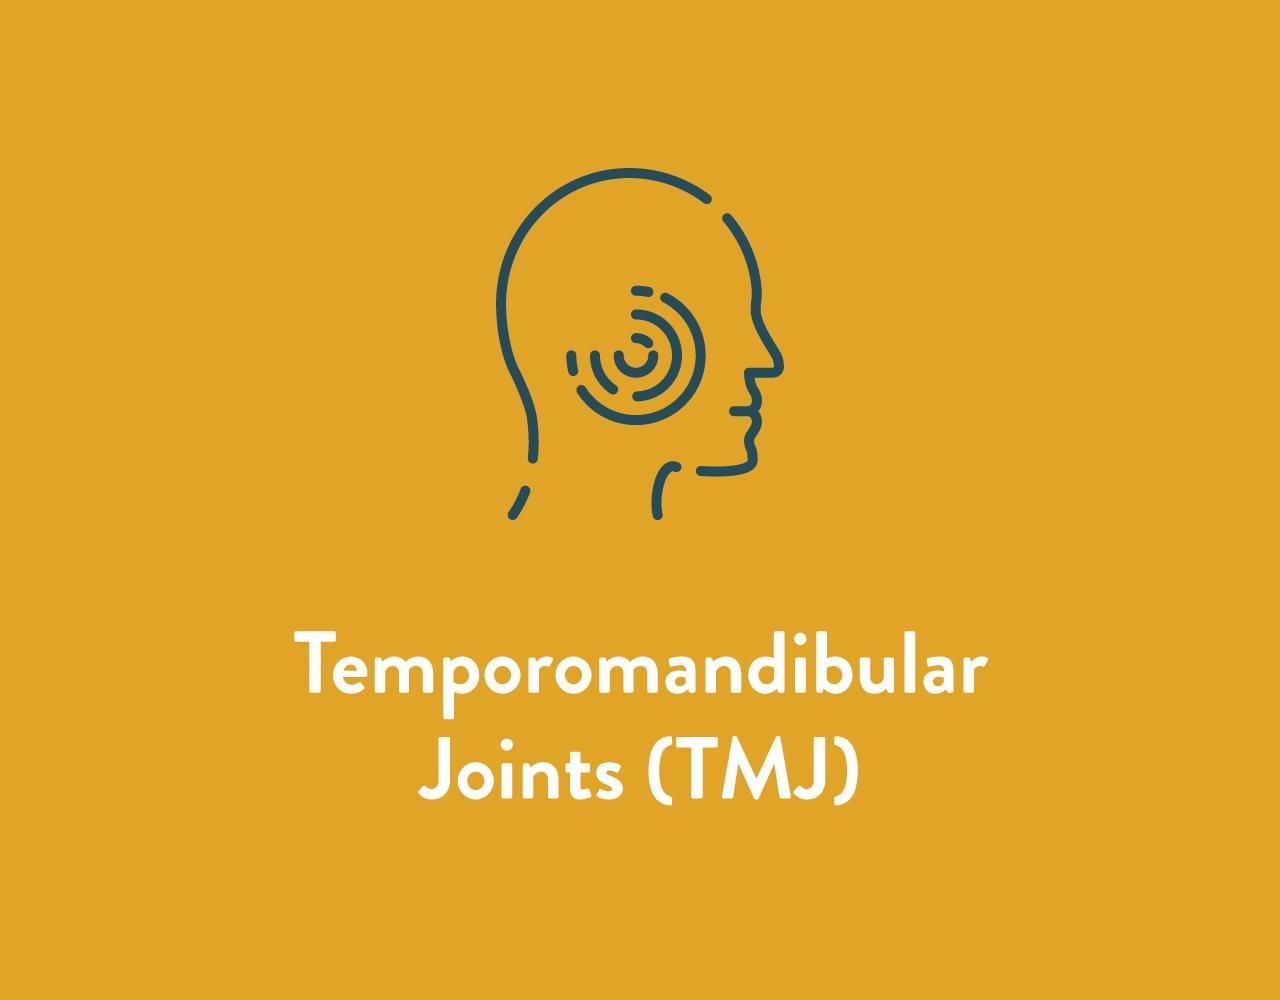 Temporomandibular Joints (TMJ) Icon